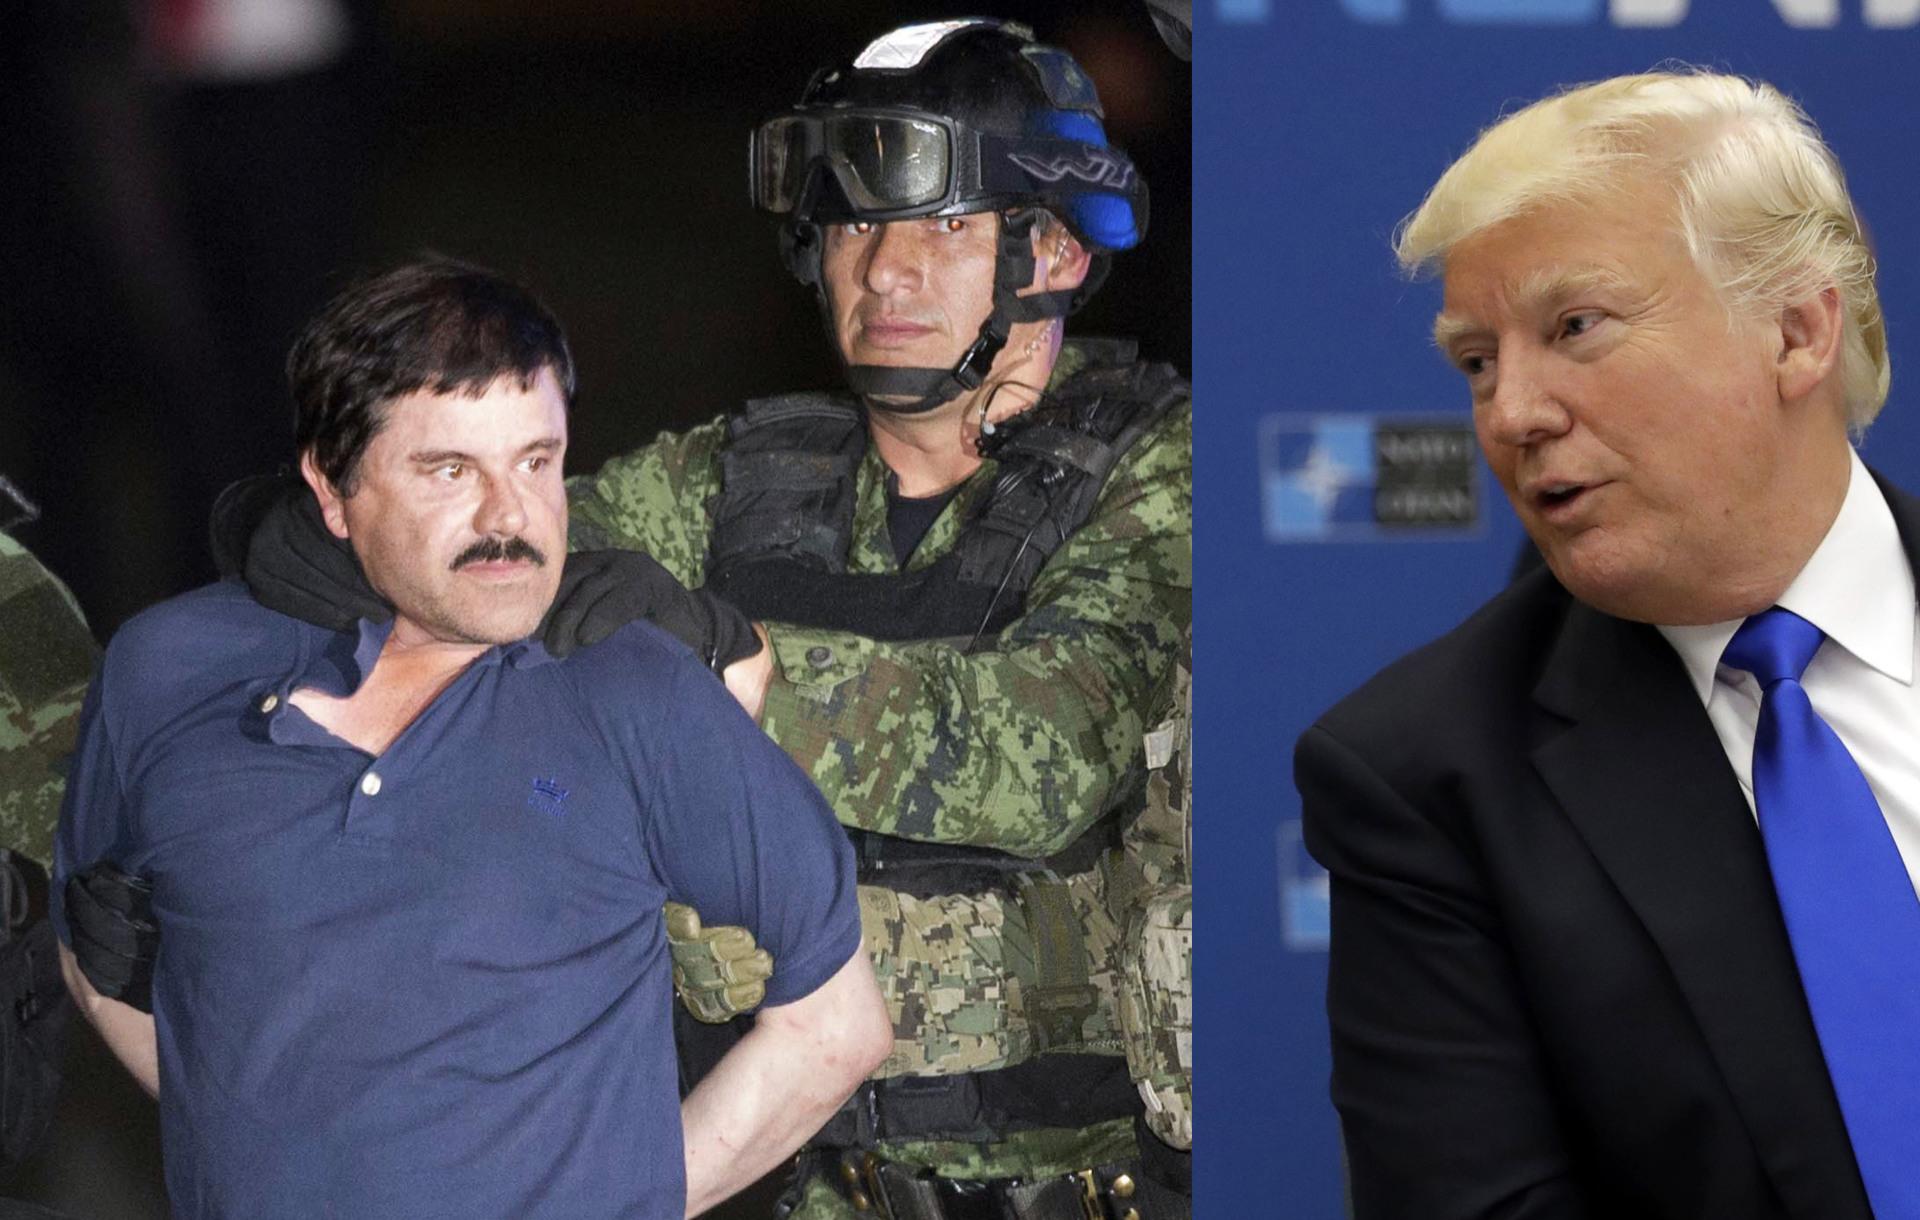 Le pide a Donald Trump que se apiade de El Chapo Guzmán